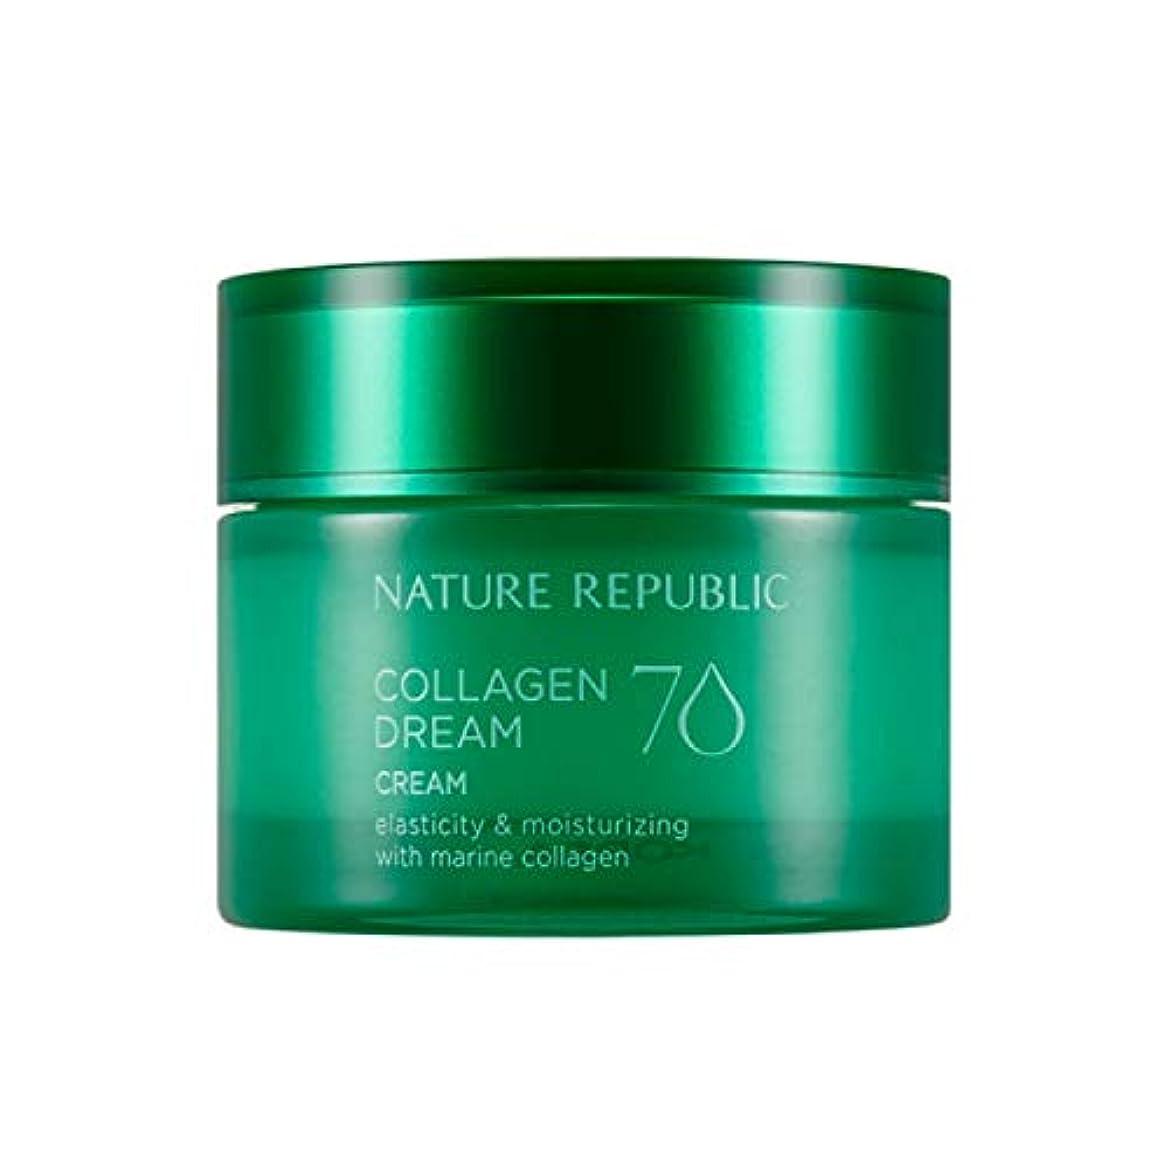 ハーブ規則性郵便屋さんネイチャーリパブリック(Nature Republic)コラーゲンドリーム70クリーム 50ml / Collagen Dream 70 Cream 50ml :: 韓国コスメ [並行輸入品]